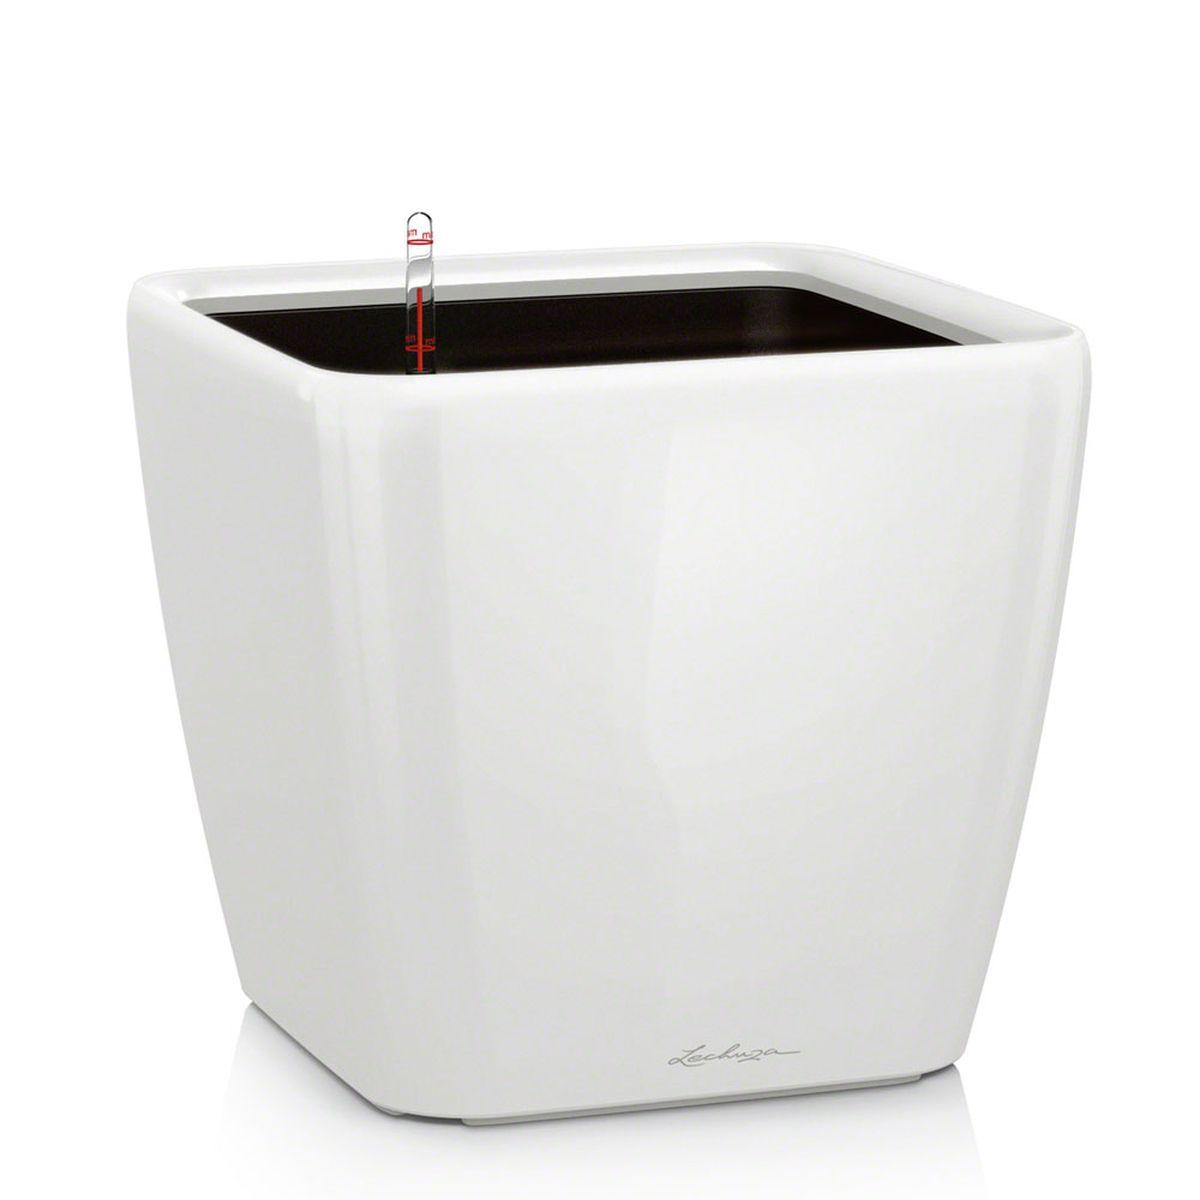 Кашпо с автополивом Lechuza Quadro 50х47 см, белое LS16280Элегантная ручка цвета самого кашпо украшает все наборы Все-в-одном кашпо серии QUADRO. Она не только красиво смотрится, но и обеспечивает возможность легкой замены растений. Особые преимущества: - Запатентованный внутренний горшок - Ручка цвета горшка не только практична, но еще и дополнительно подчеркивает изящный дизайн кашпо - В качестве опции: Подставка на роликах для QUADRO 43 и 50